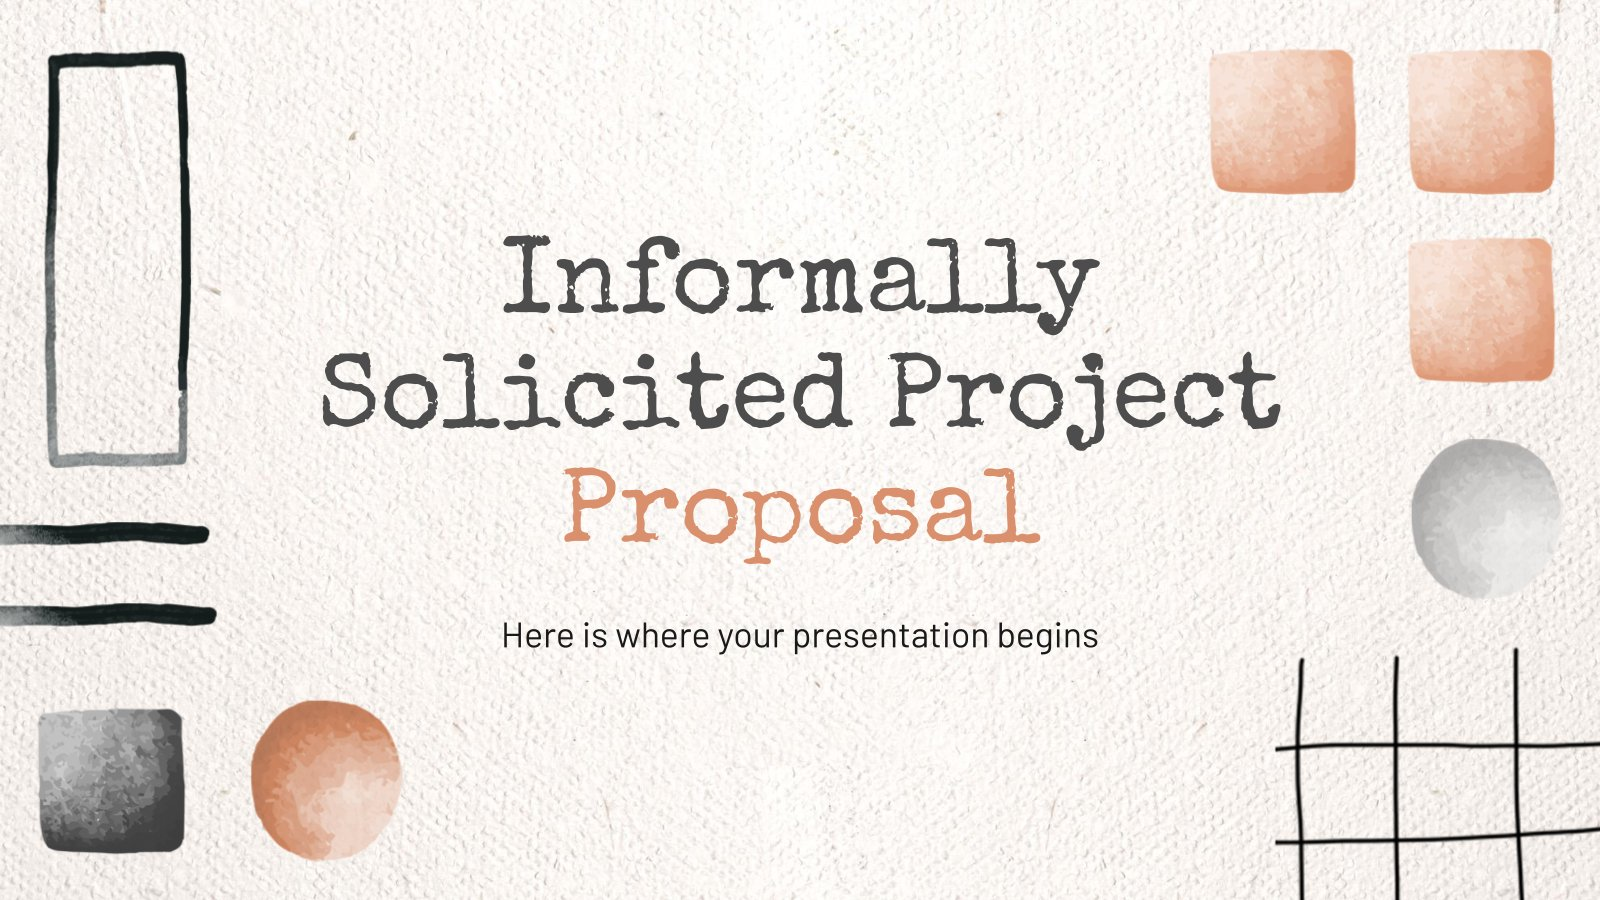 Plantilla de presentación Propuesta informal de proyecto